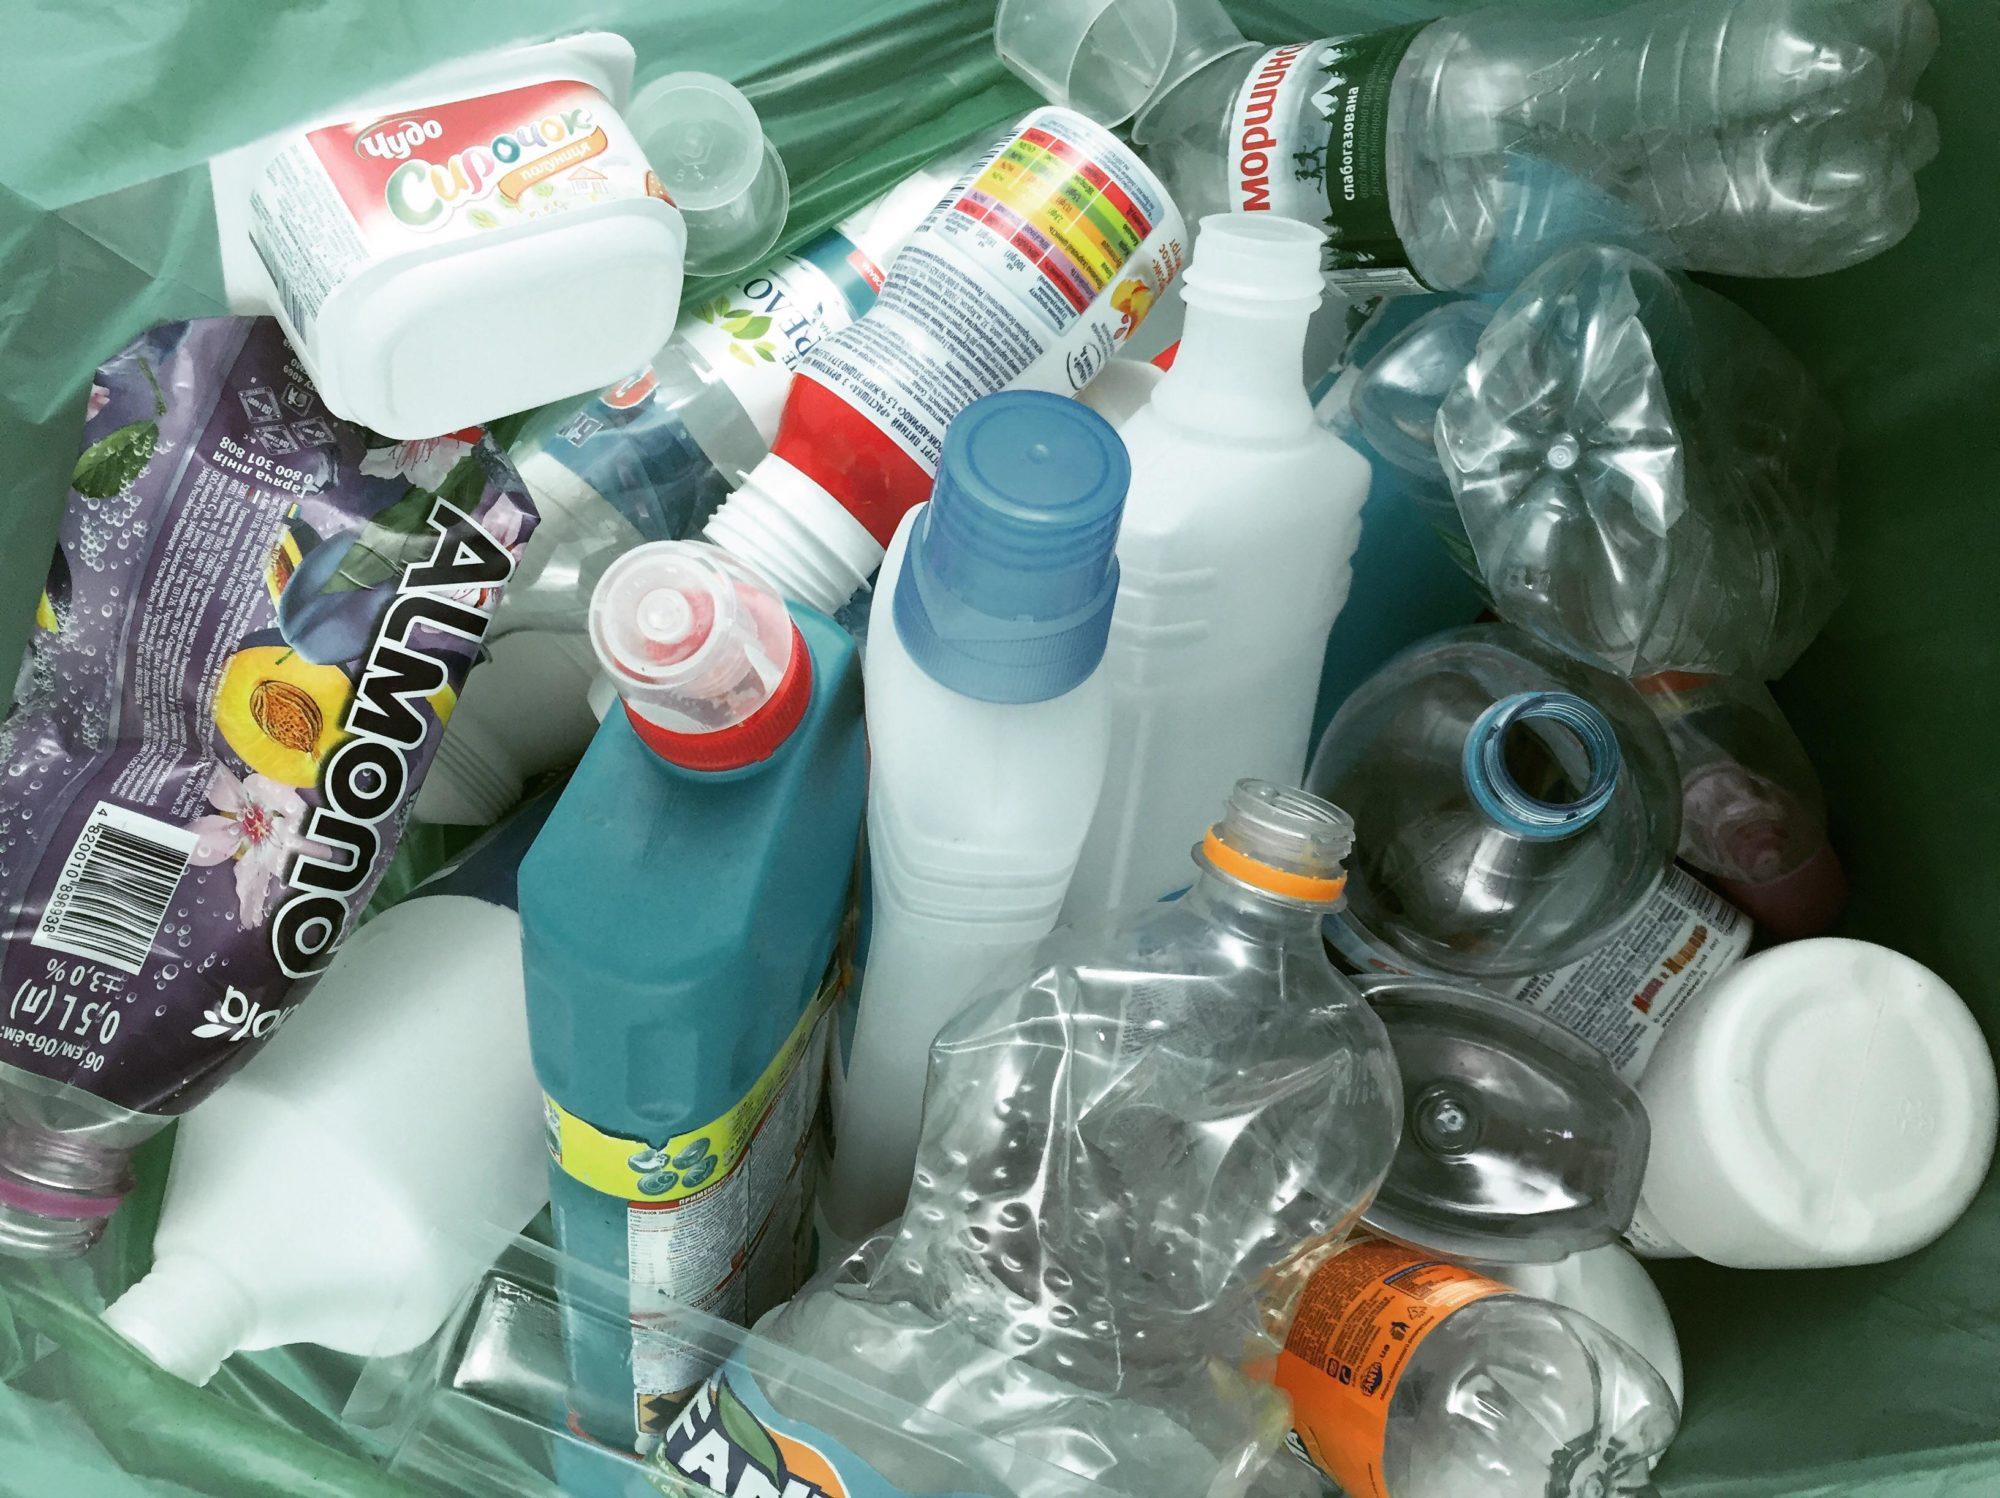 Пластик поштою: за 2 місяці в Україні переслали більше 100 великих пакетів вторсировини - пластик, вторсировина - 31 plastyk2 2000x1498